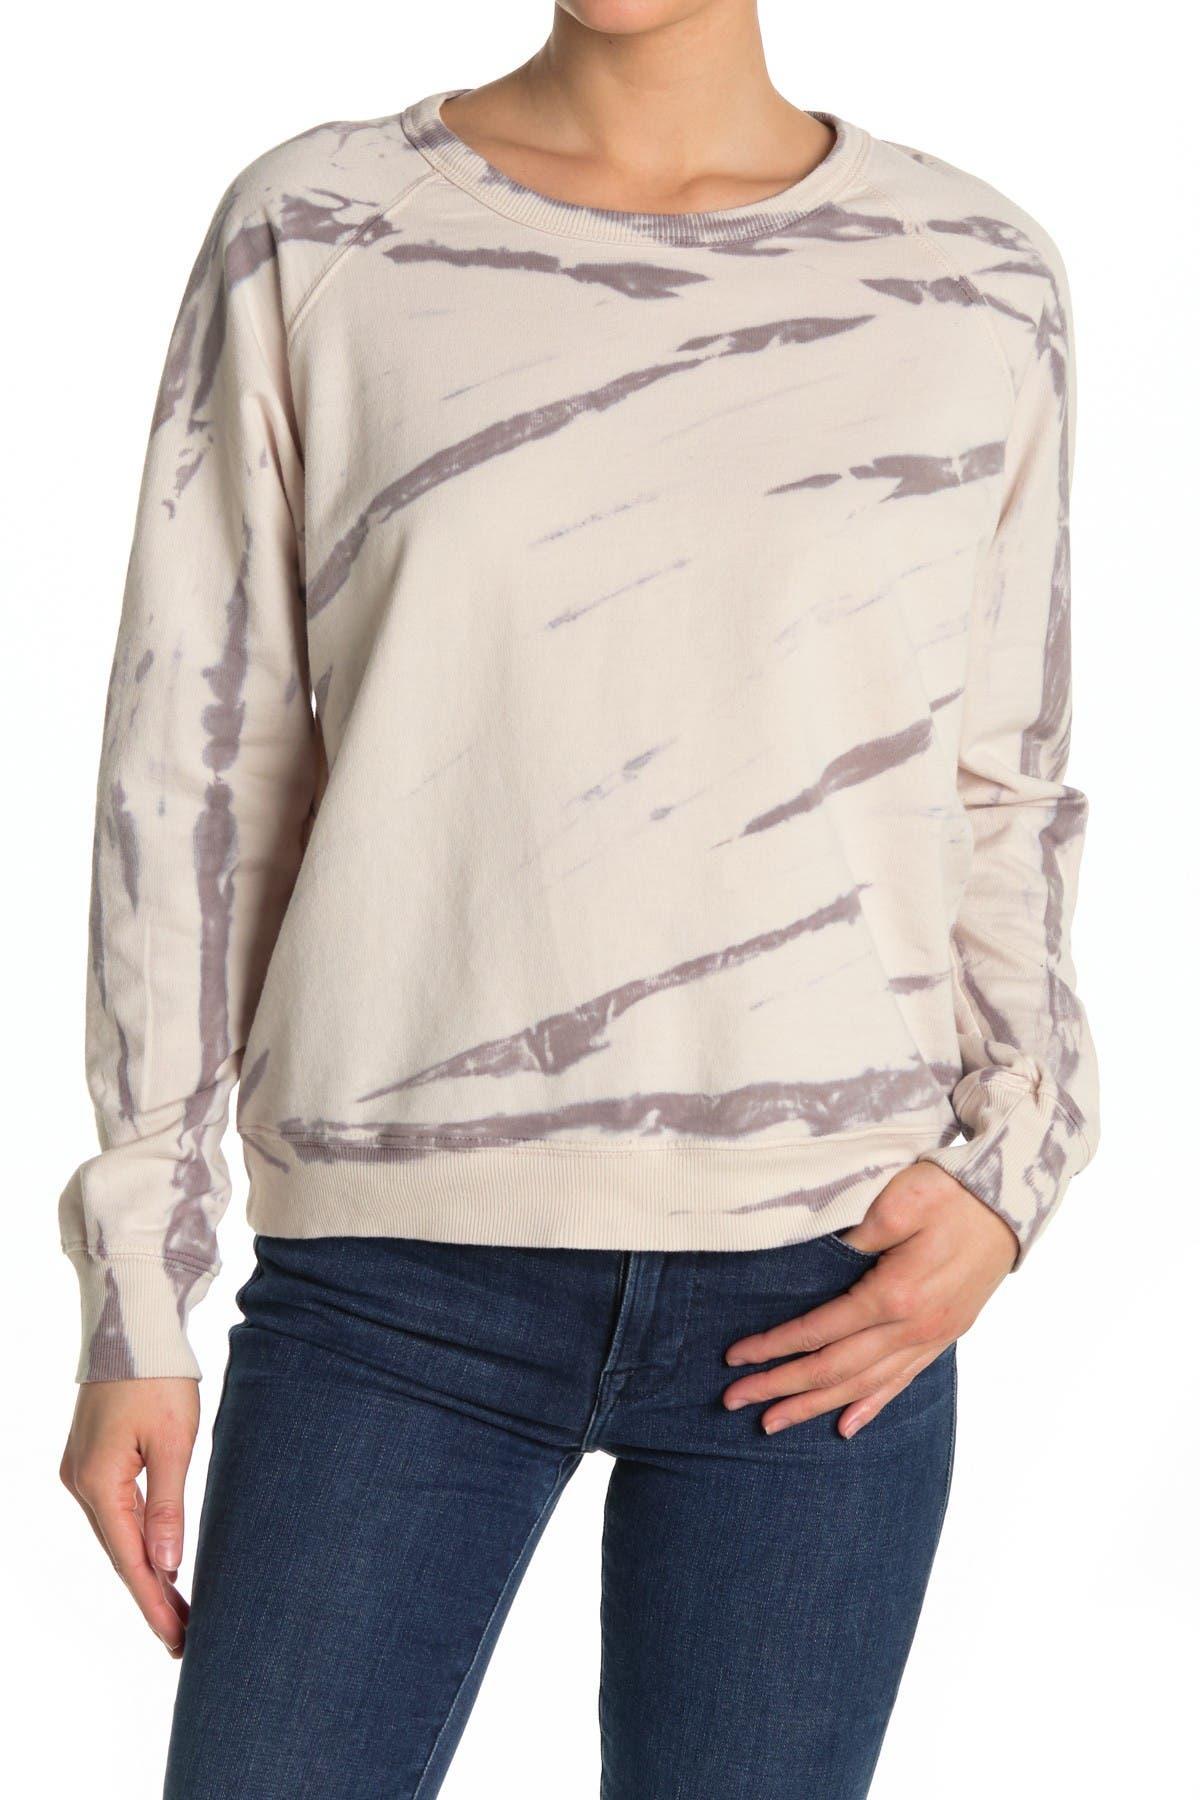 Image of OLI VIV Jemma Tie Dye Sweatshirt